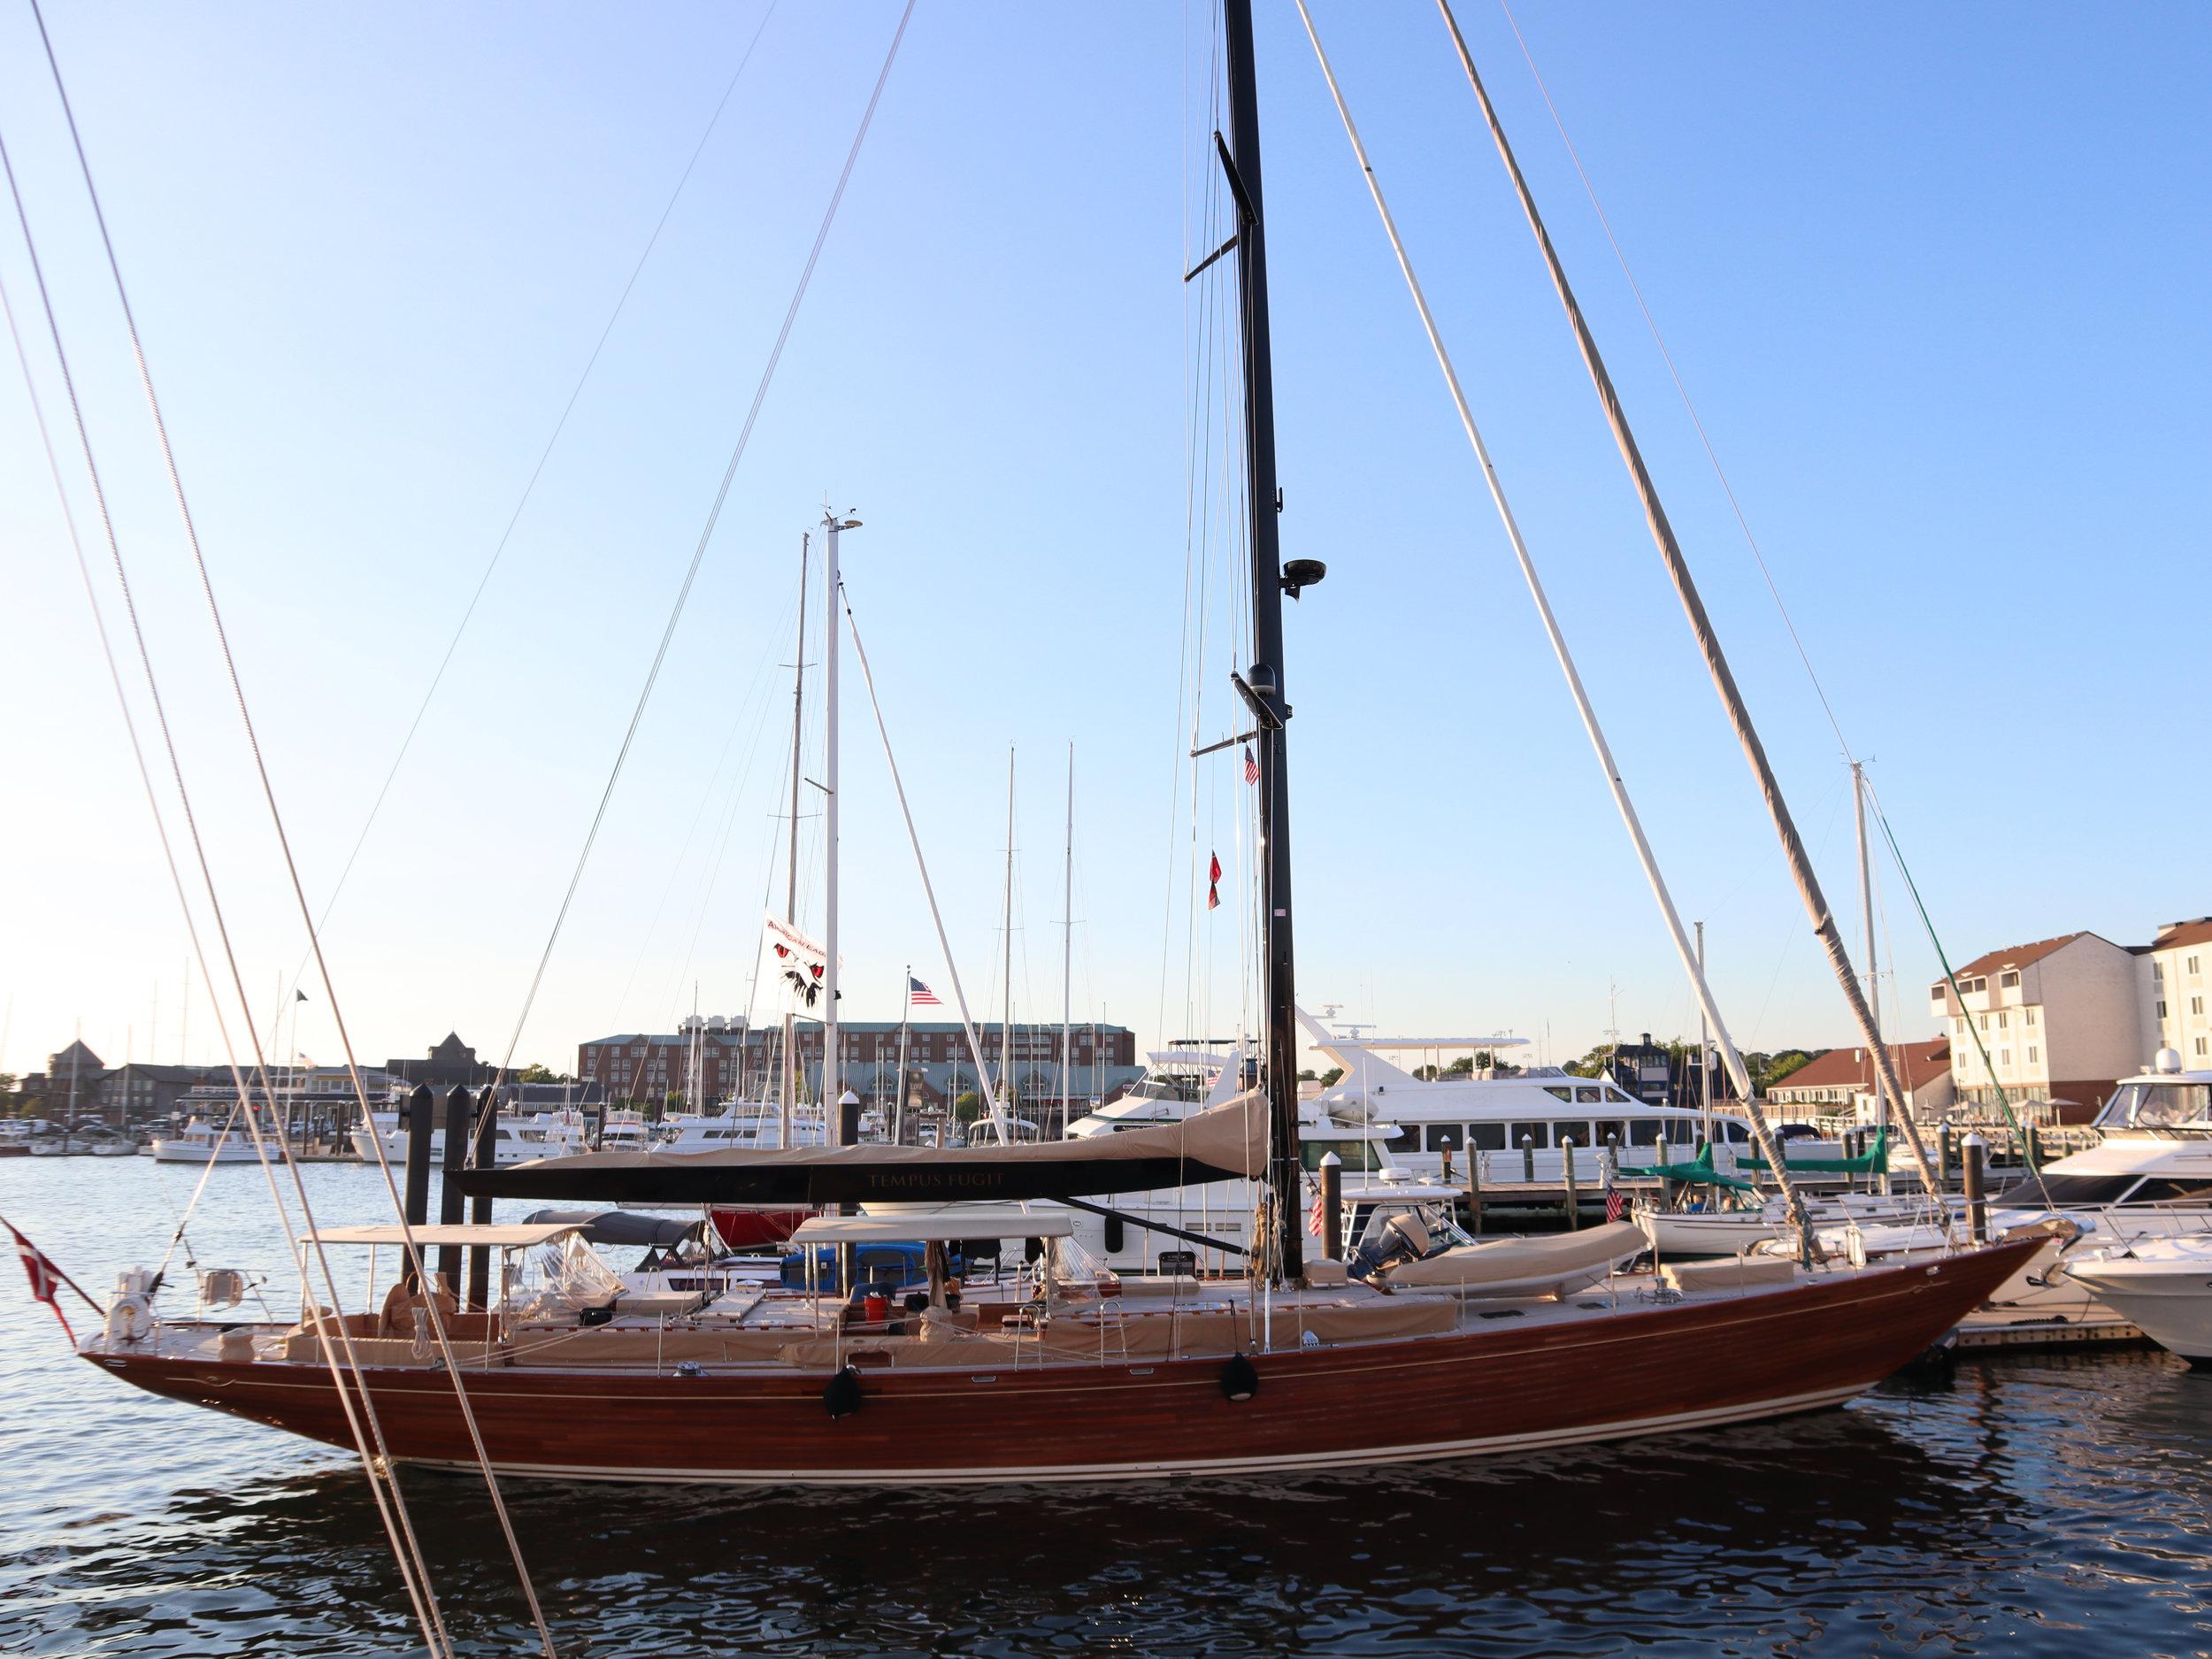 Яхта Род Айленд Ньюпорт.jpg